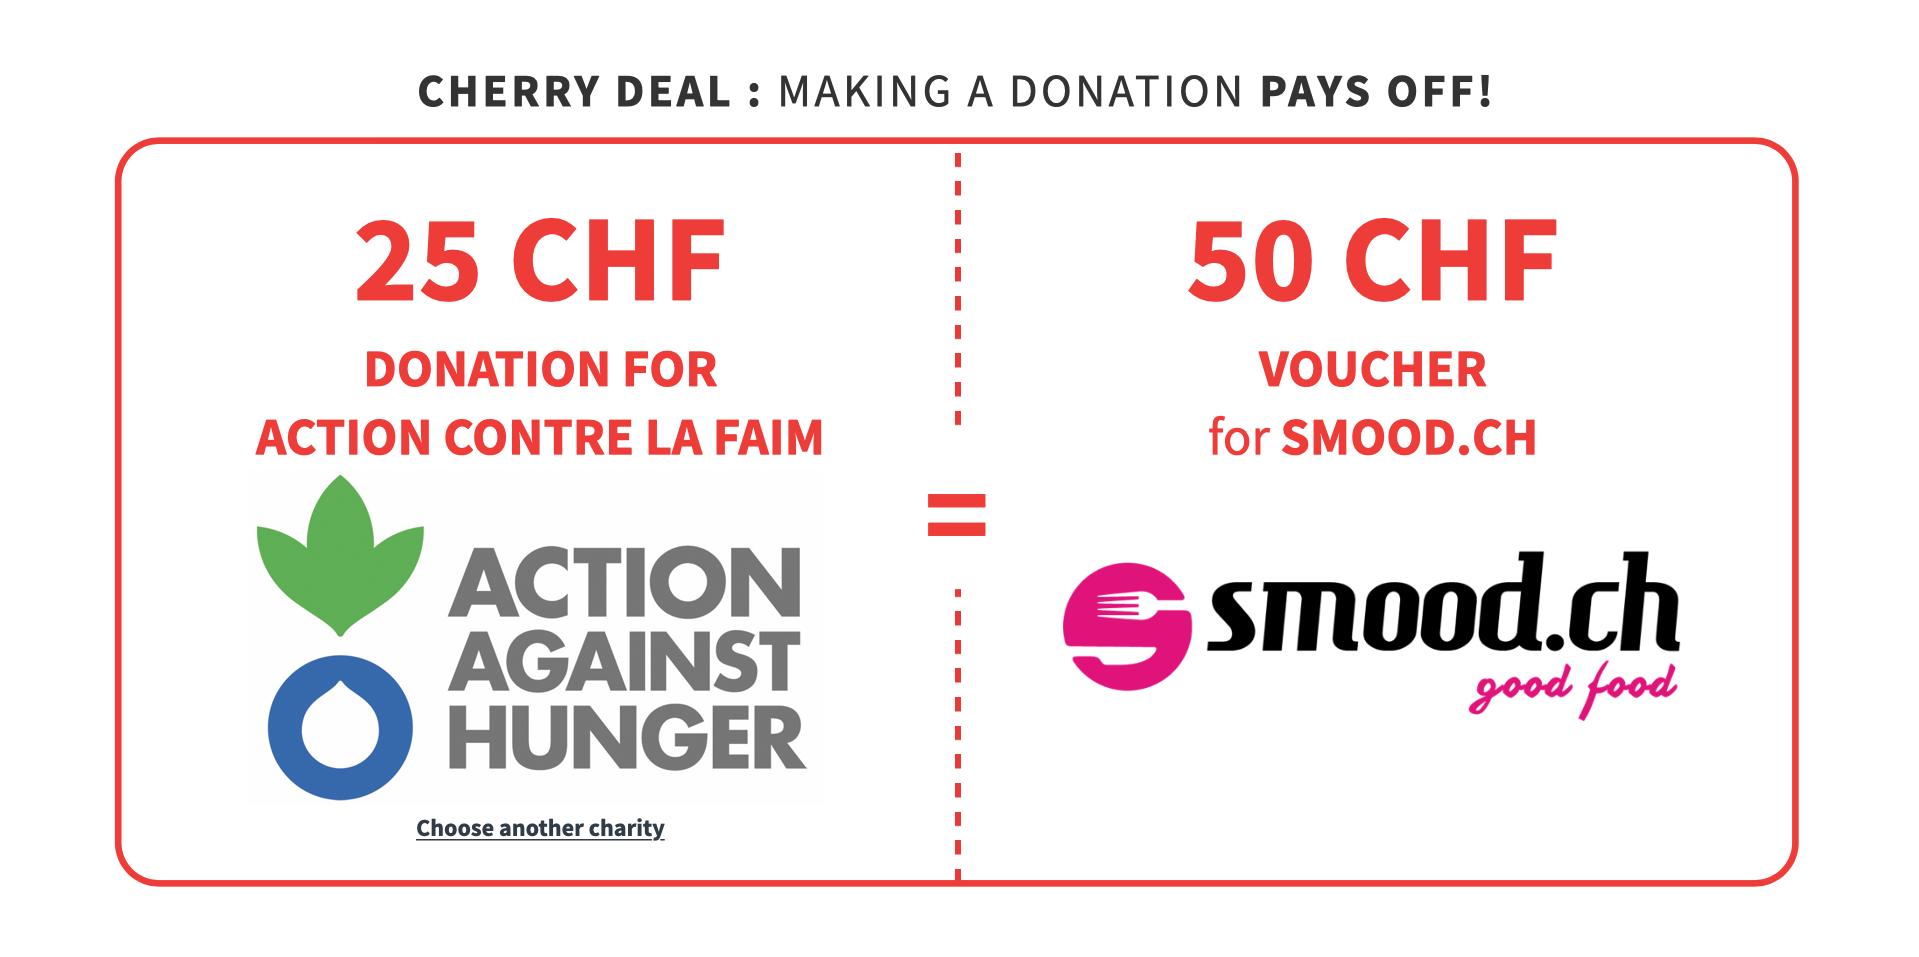 Communiqué de presse, lancement du Cherry Deal